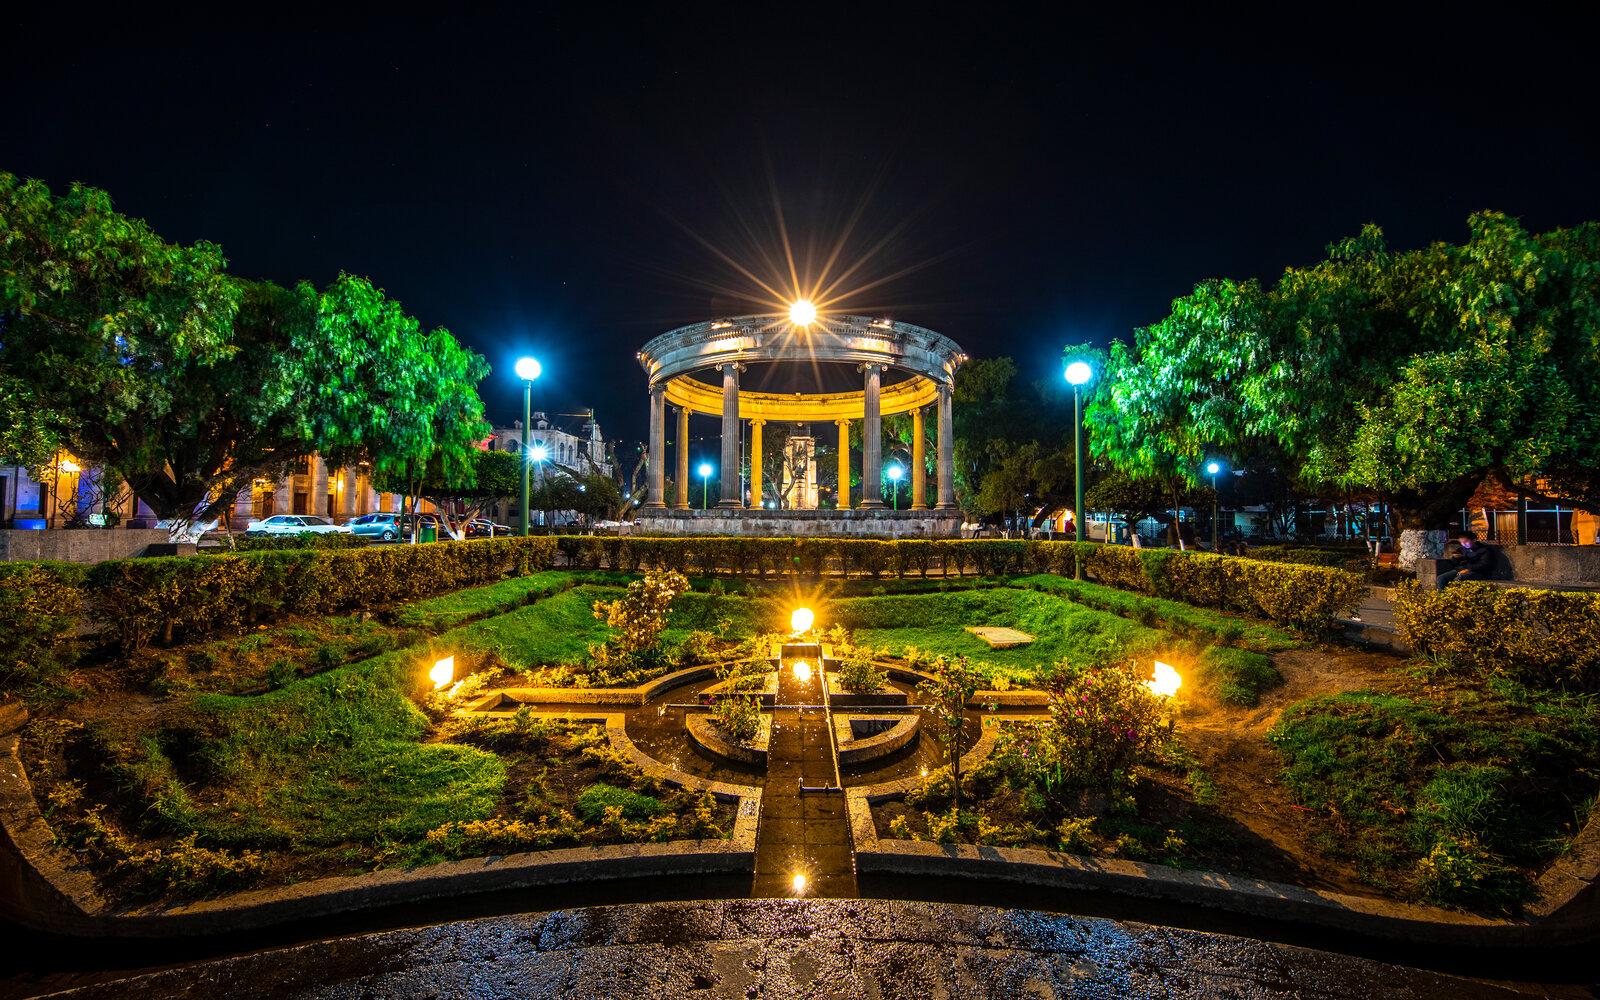 Ciudad de Quetzaltenango